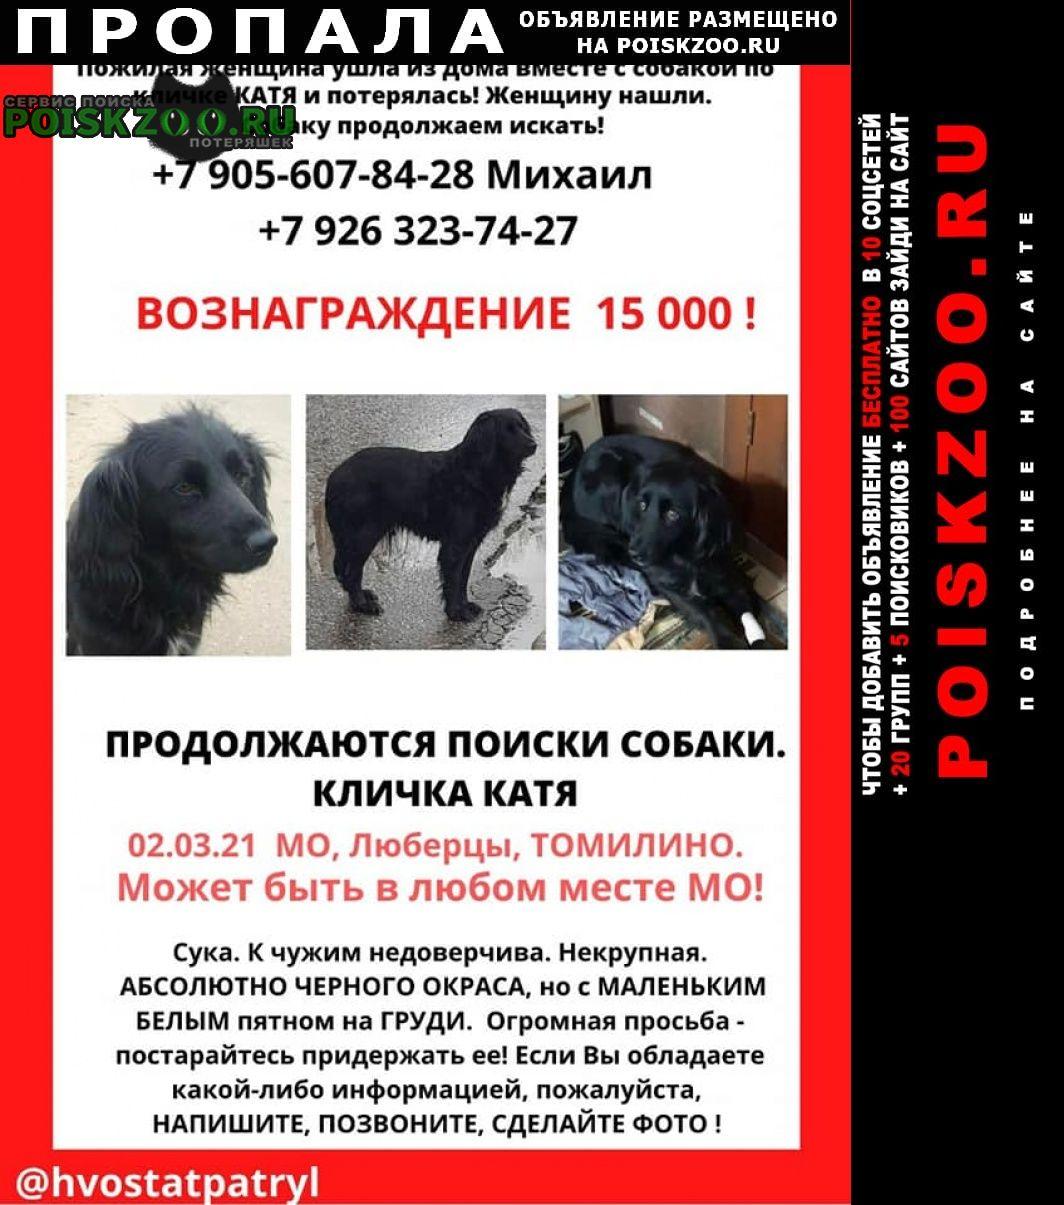 Пропала собака девочка, метис спаниеля Люберцы